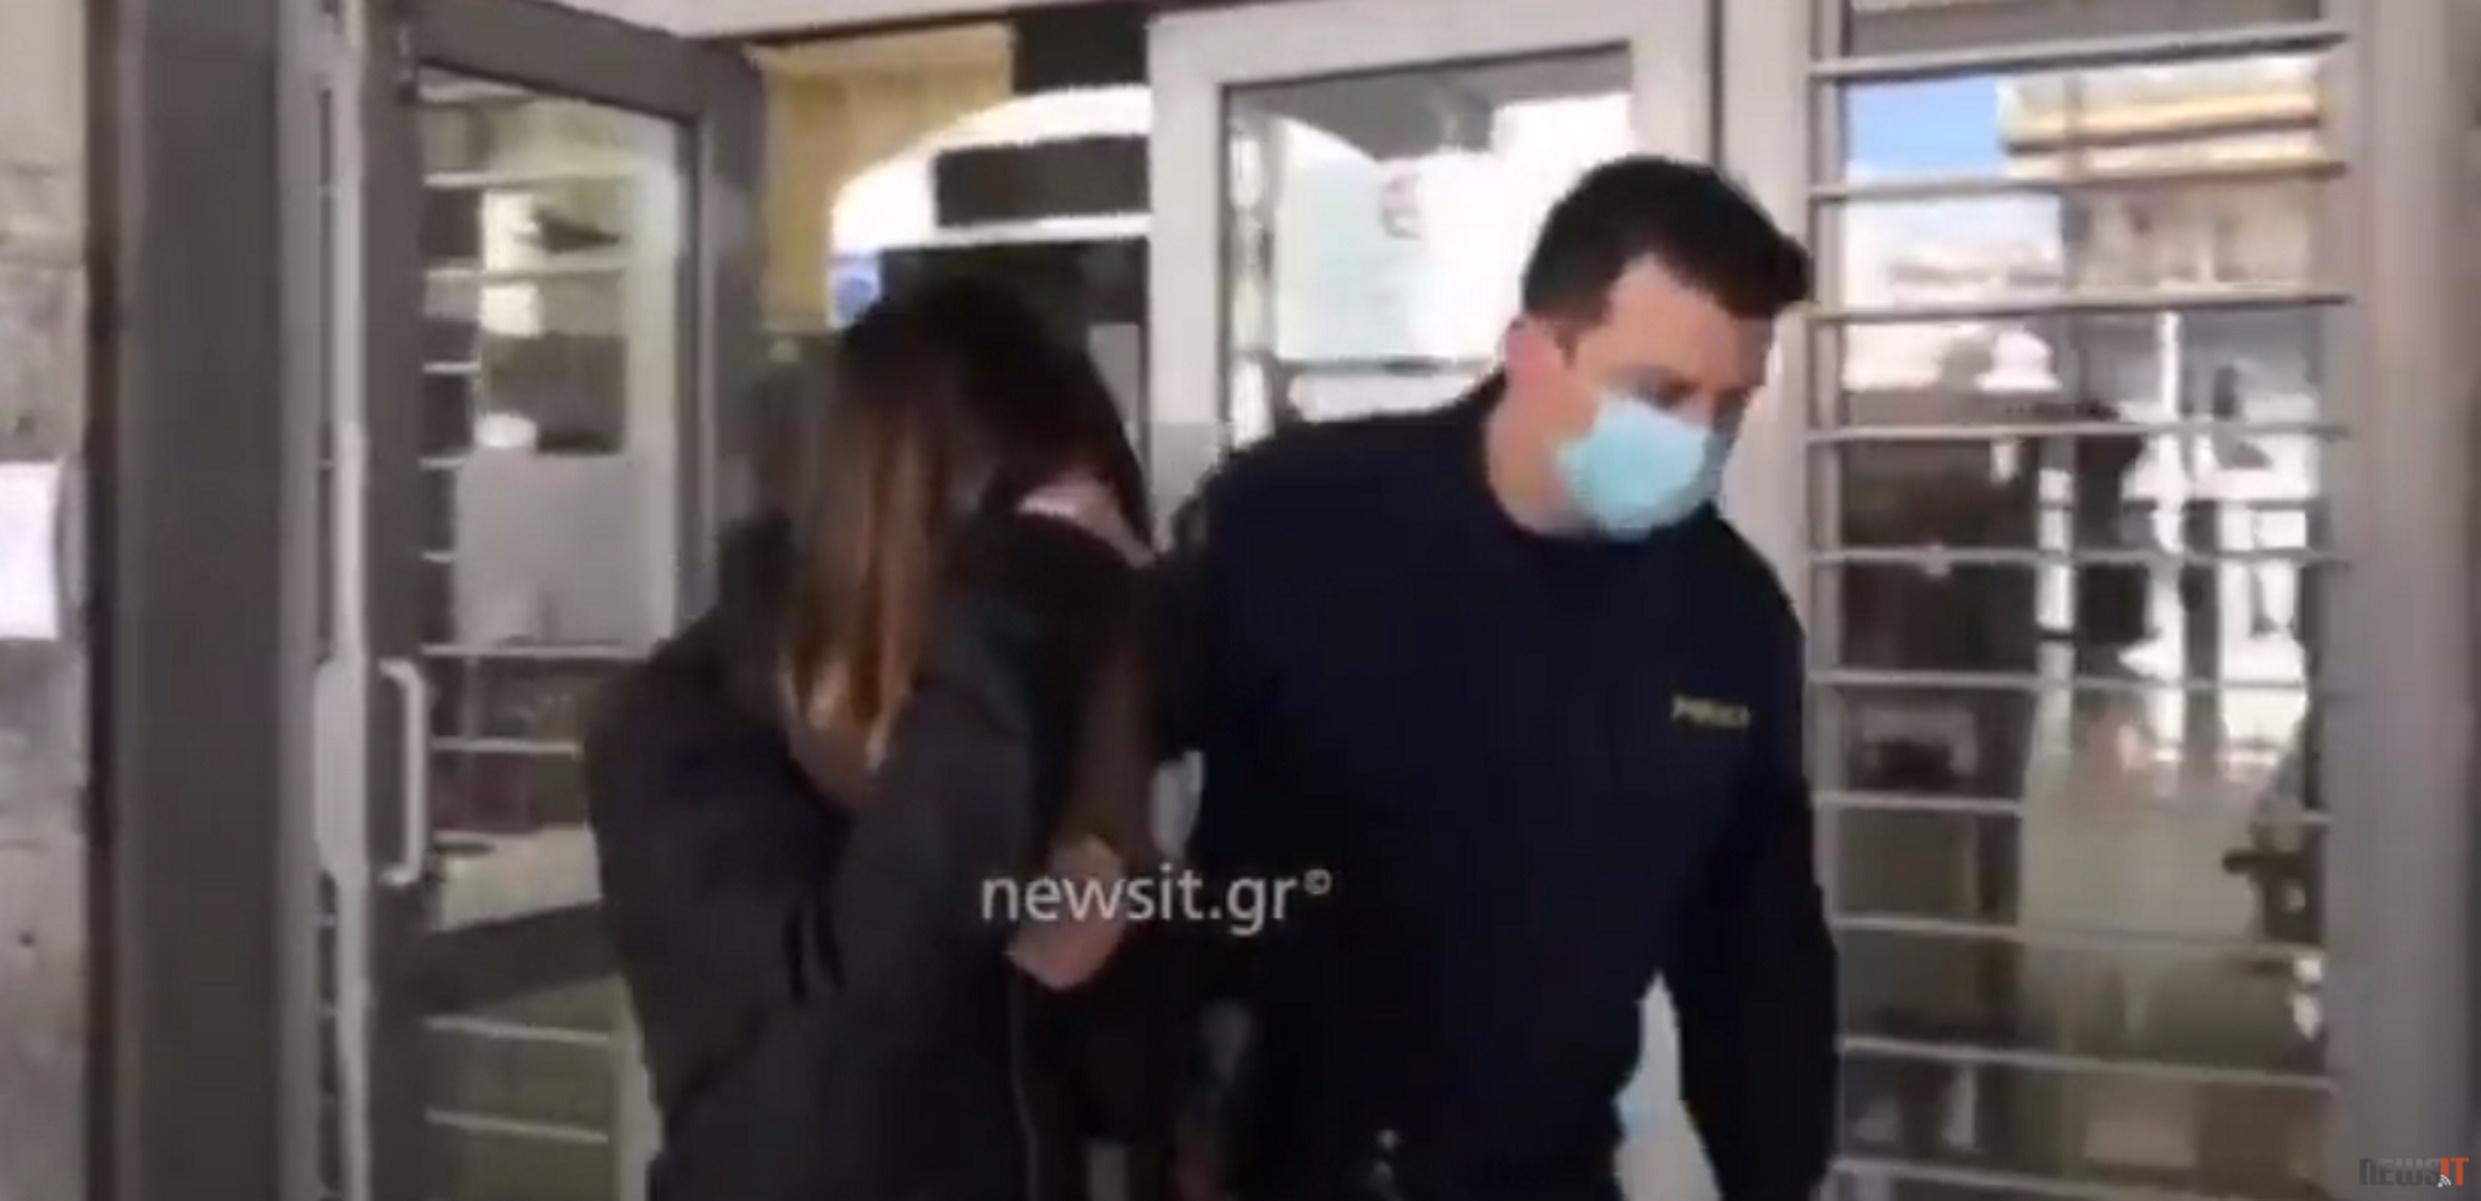 Τούμπα: Φυλάκιση με αναστολή στην Ισπανίδα για το κορoνοπάρτι μαμούθ – «Κάλεσα 12, ήρθαν 52» (video)